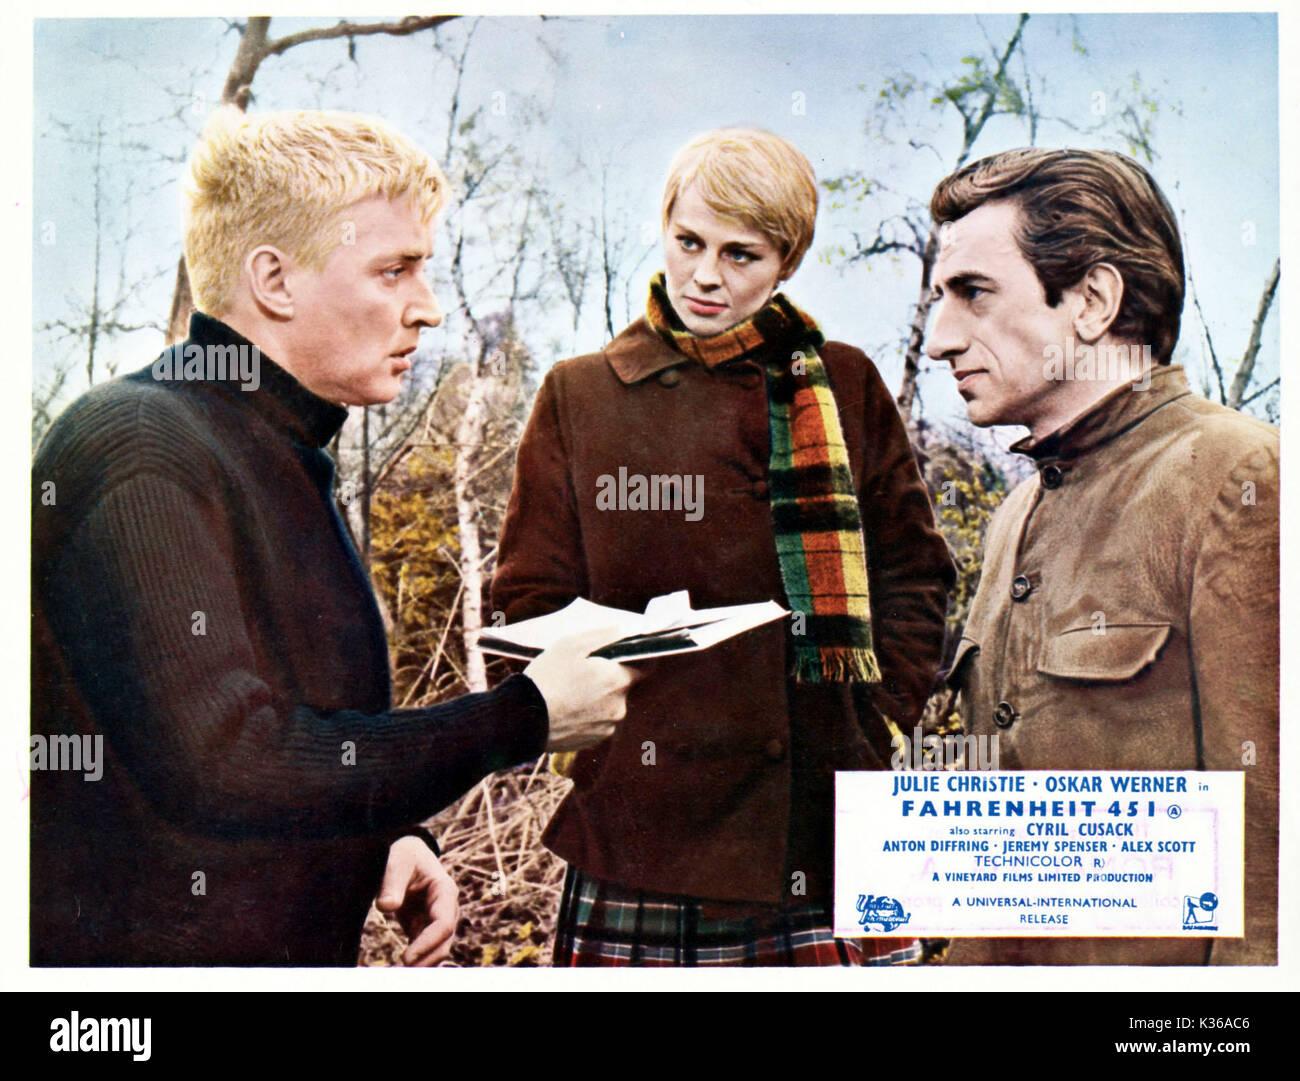 Er war ein Schauspieler mit Charisma, Leidenschaft und Starrsinn: eine Filmreihe für Oskar Werner